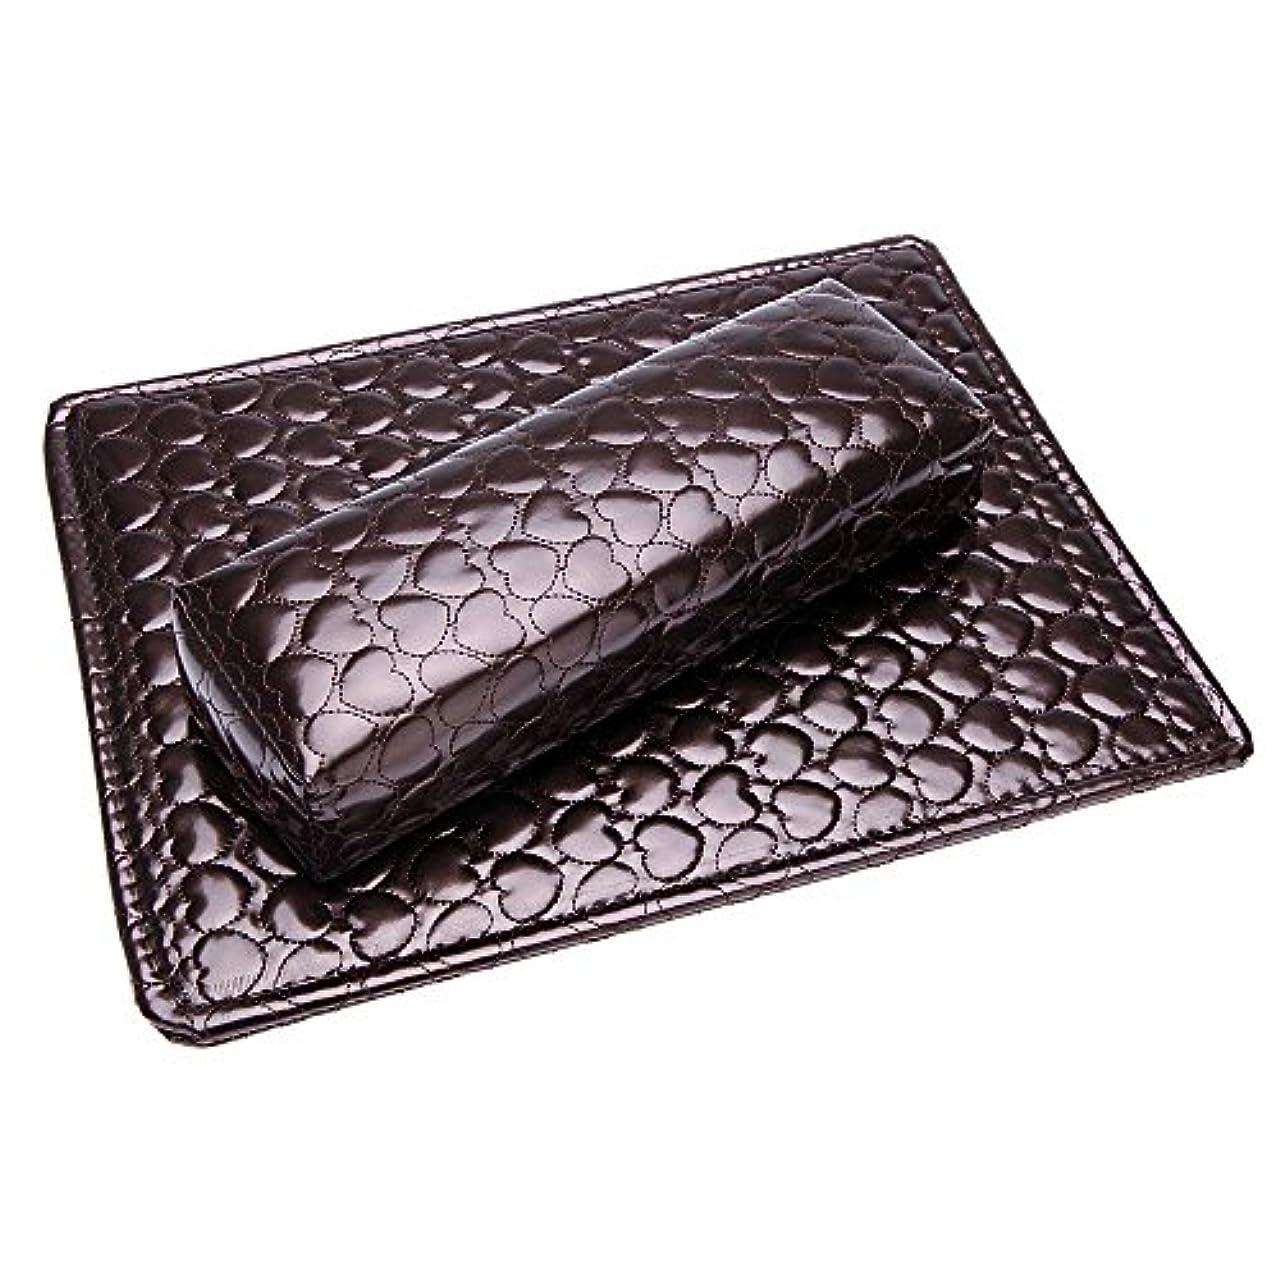 クマノミあさり赤道ACAMPTAR ソフトハンドクッション枕とパッドレストネイルアートアームレストホルダー マニキュアネイルアートアクセサリー PUレザー 褐色